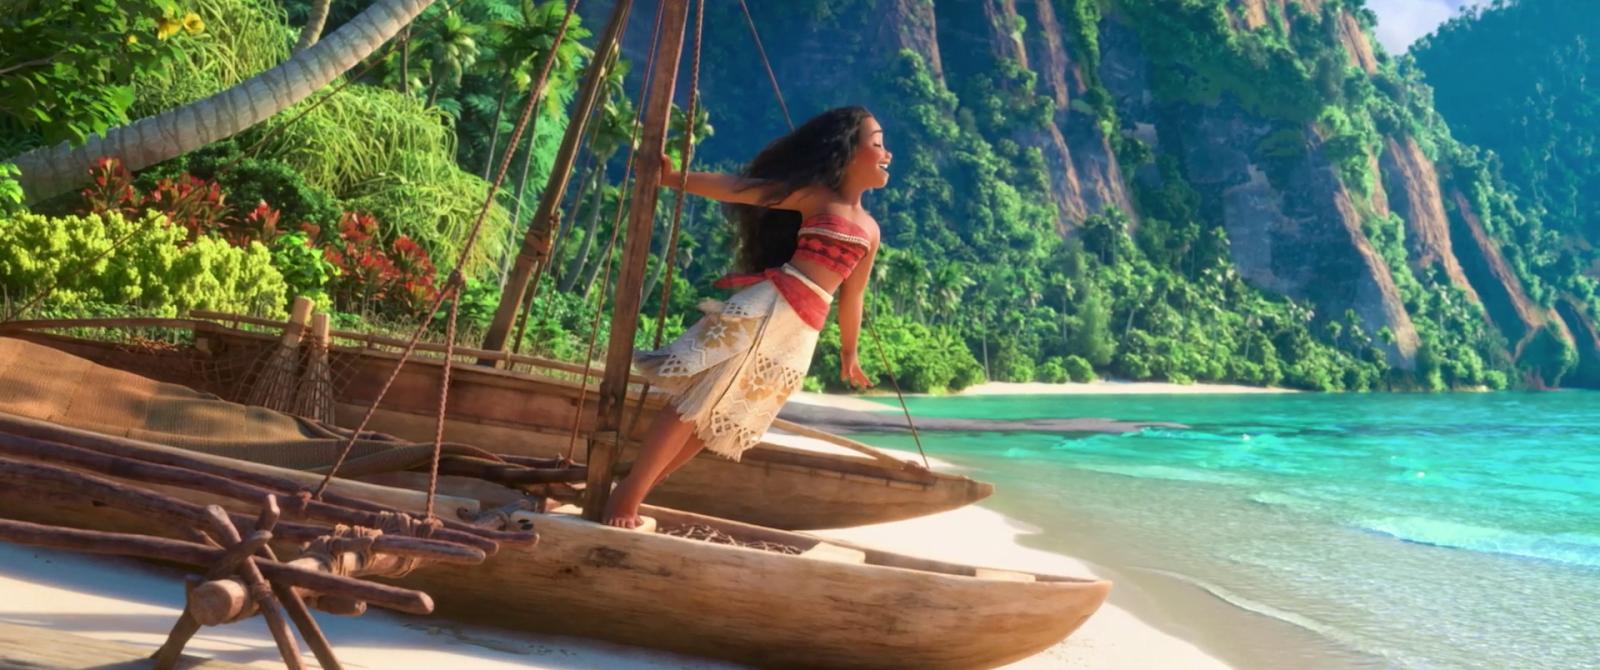 Extremamente As mais lindas imagens Disney Moana   Blog dos Esquilos SQ32